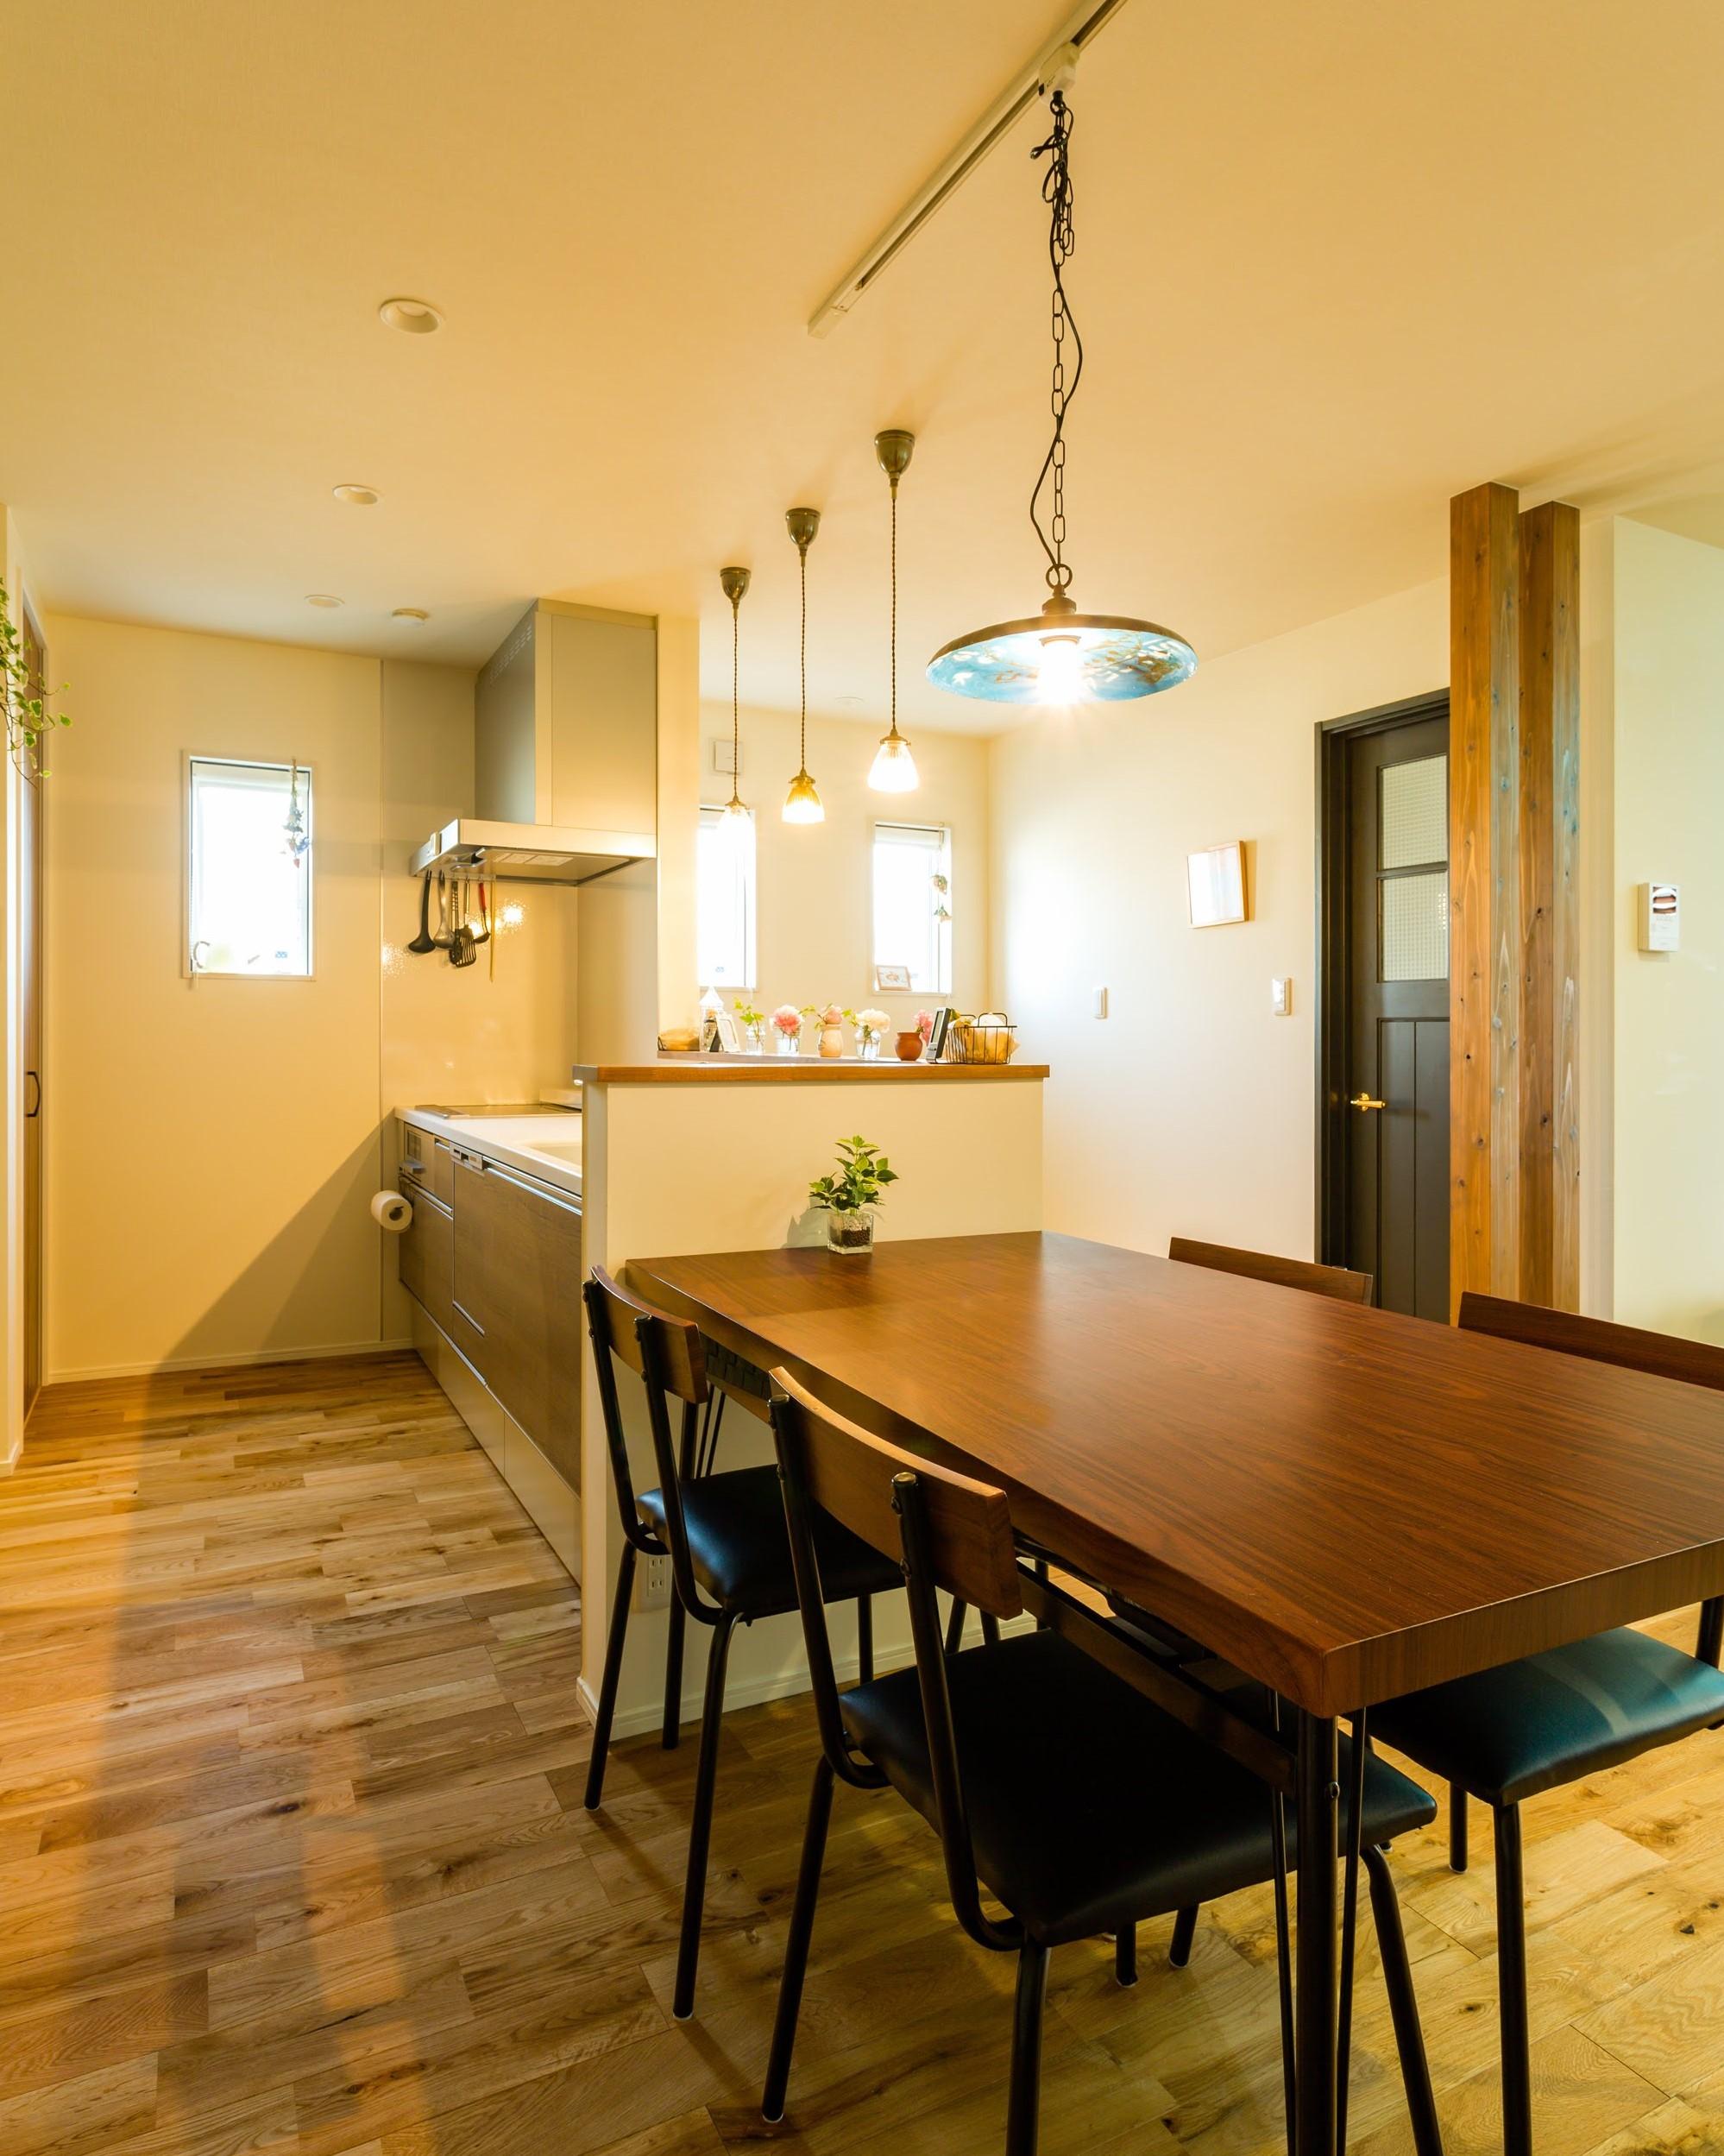 キッチンの横にダイニングスペースを設計することで配膳がラクになる